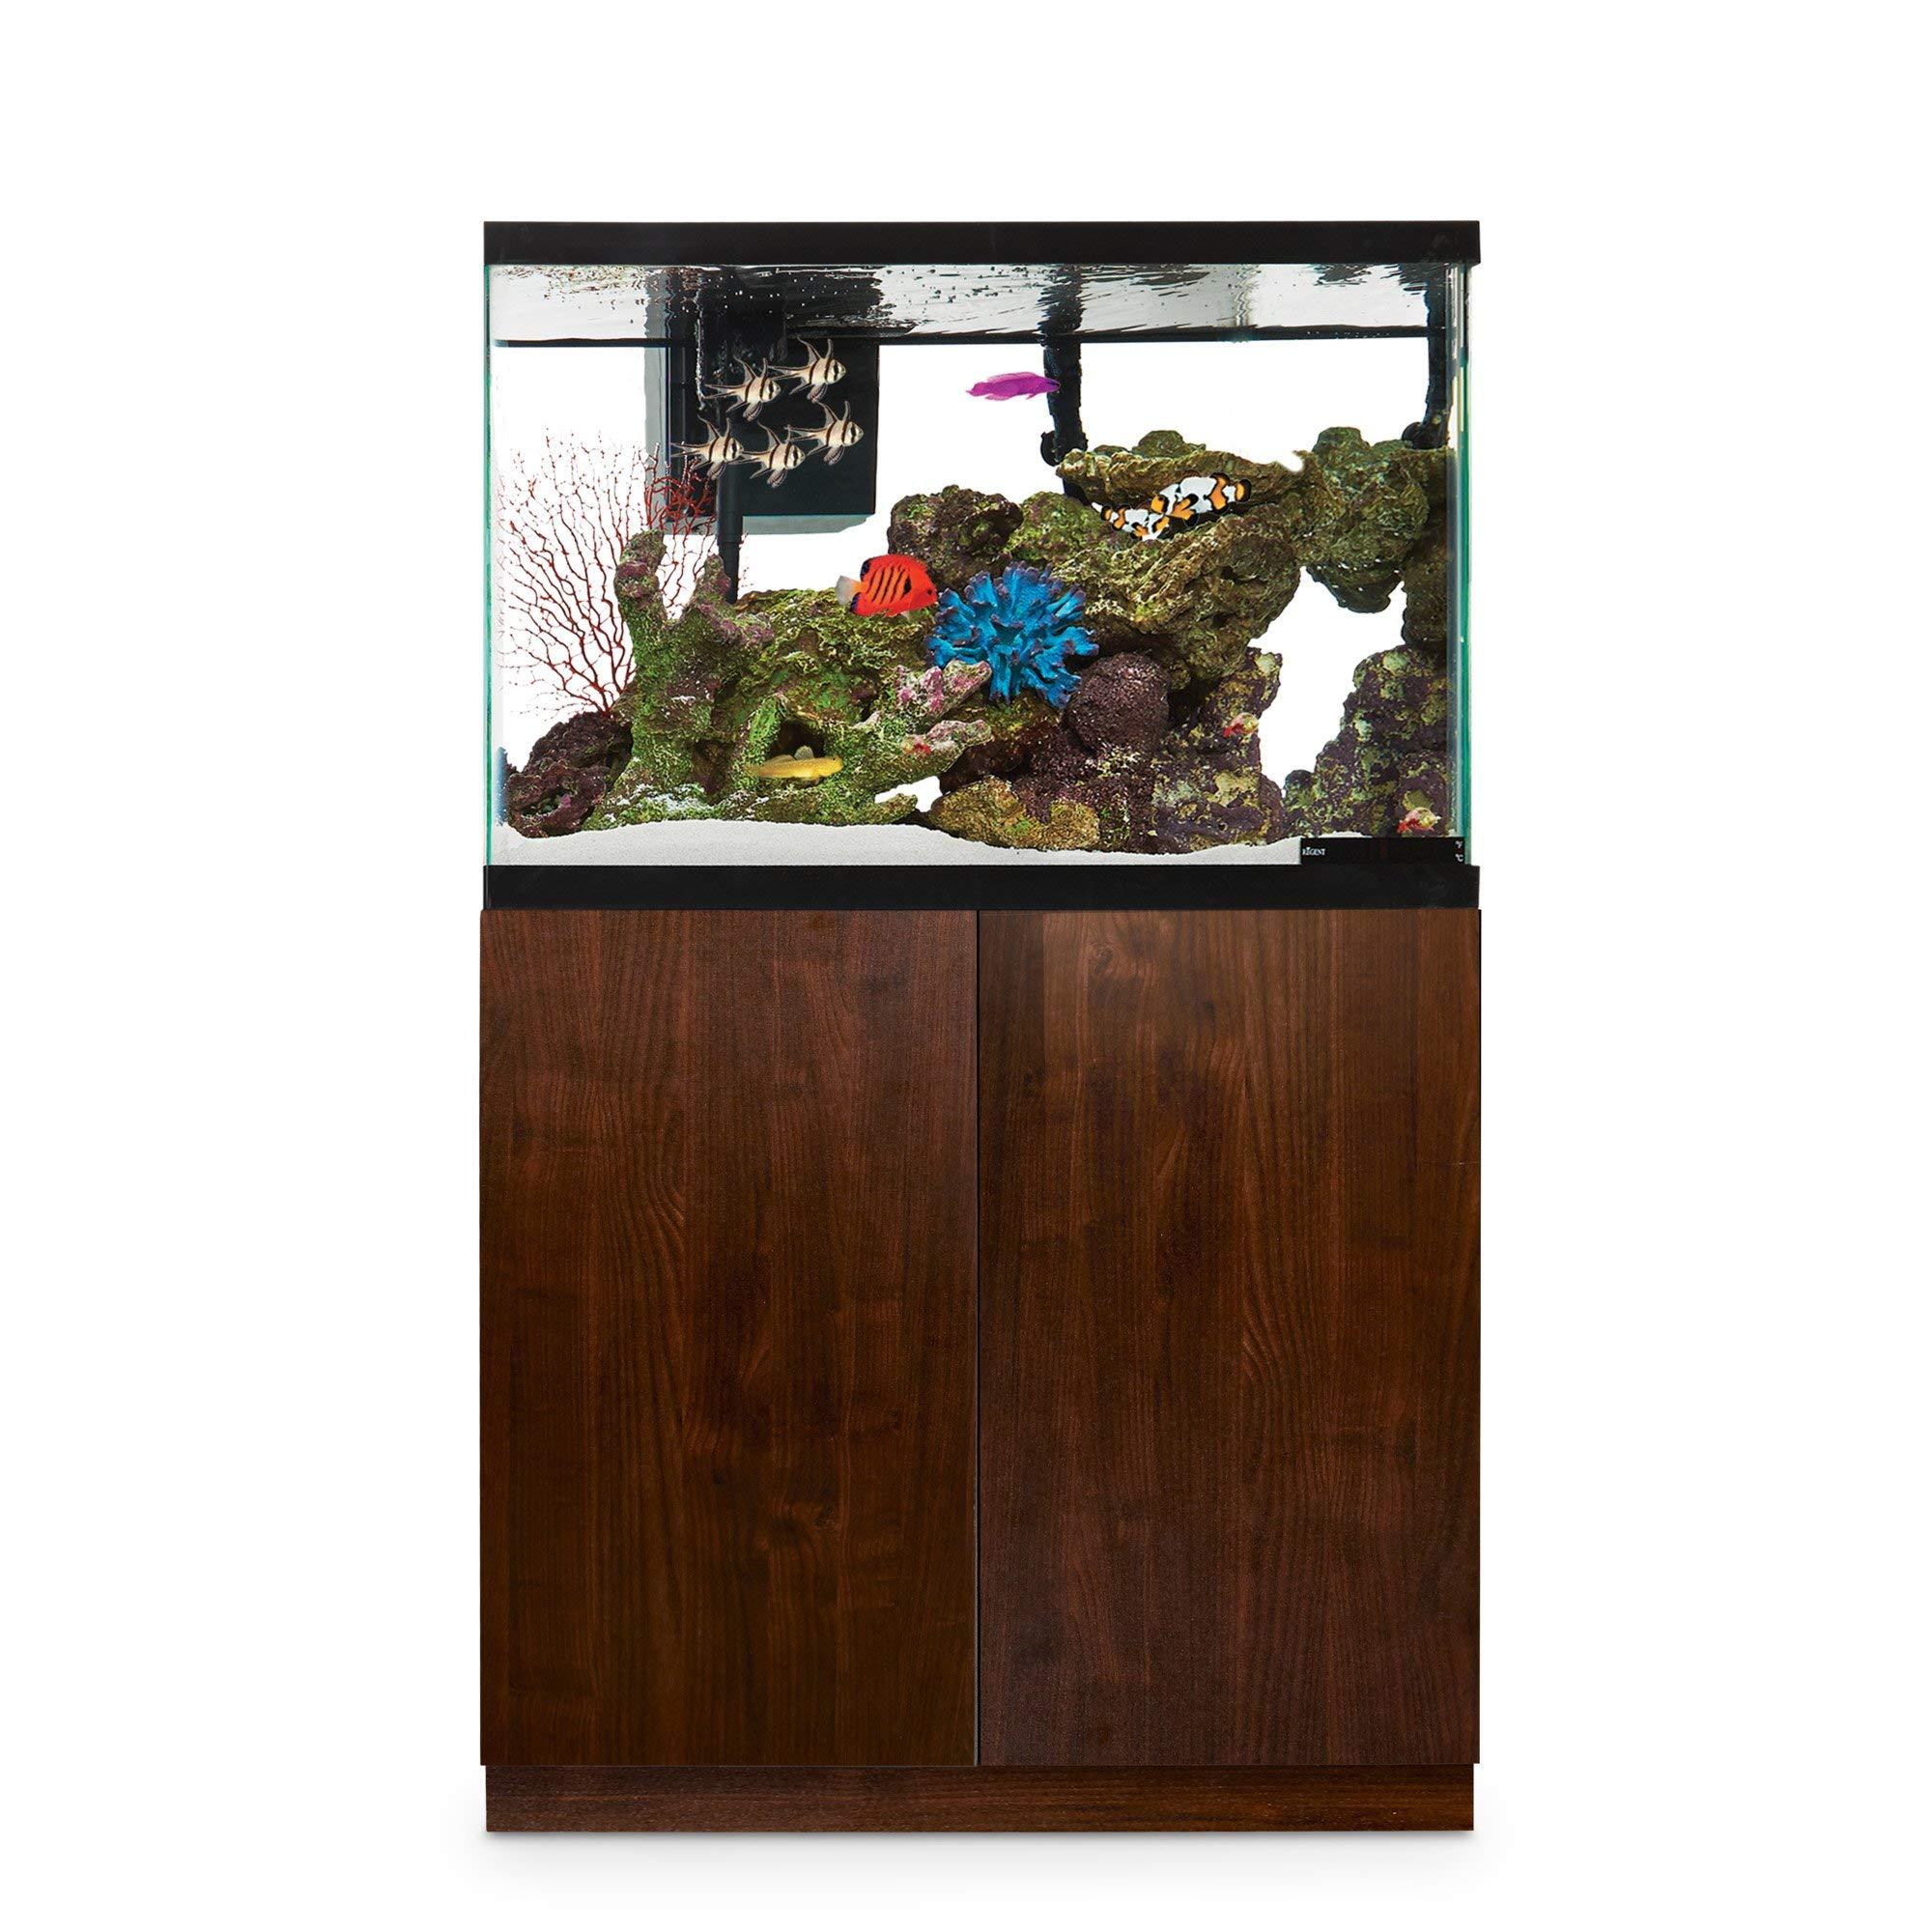 Imagitarium Faux Woodgrain Fish Tank Stand, Up to 40 Gal, 18.25 in, Natural Wood by Imagitarium